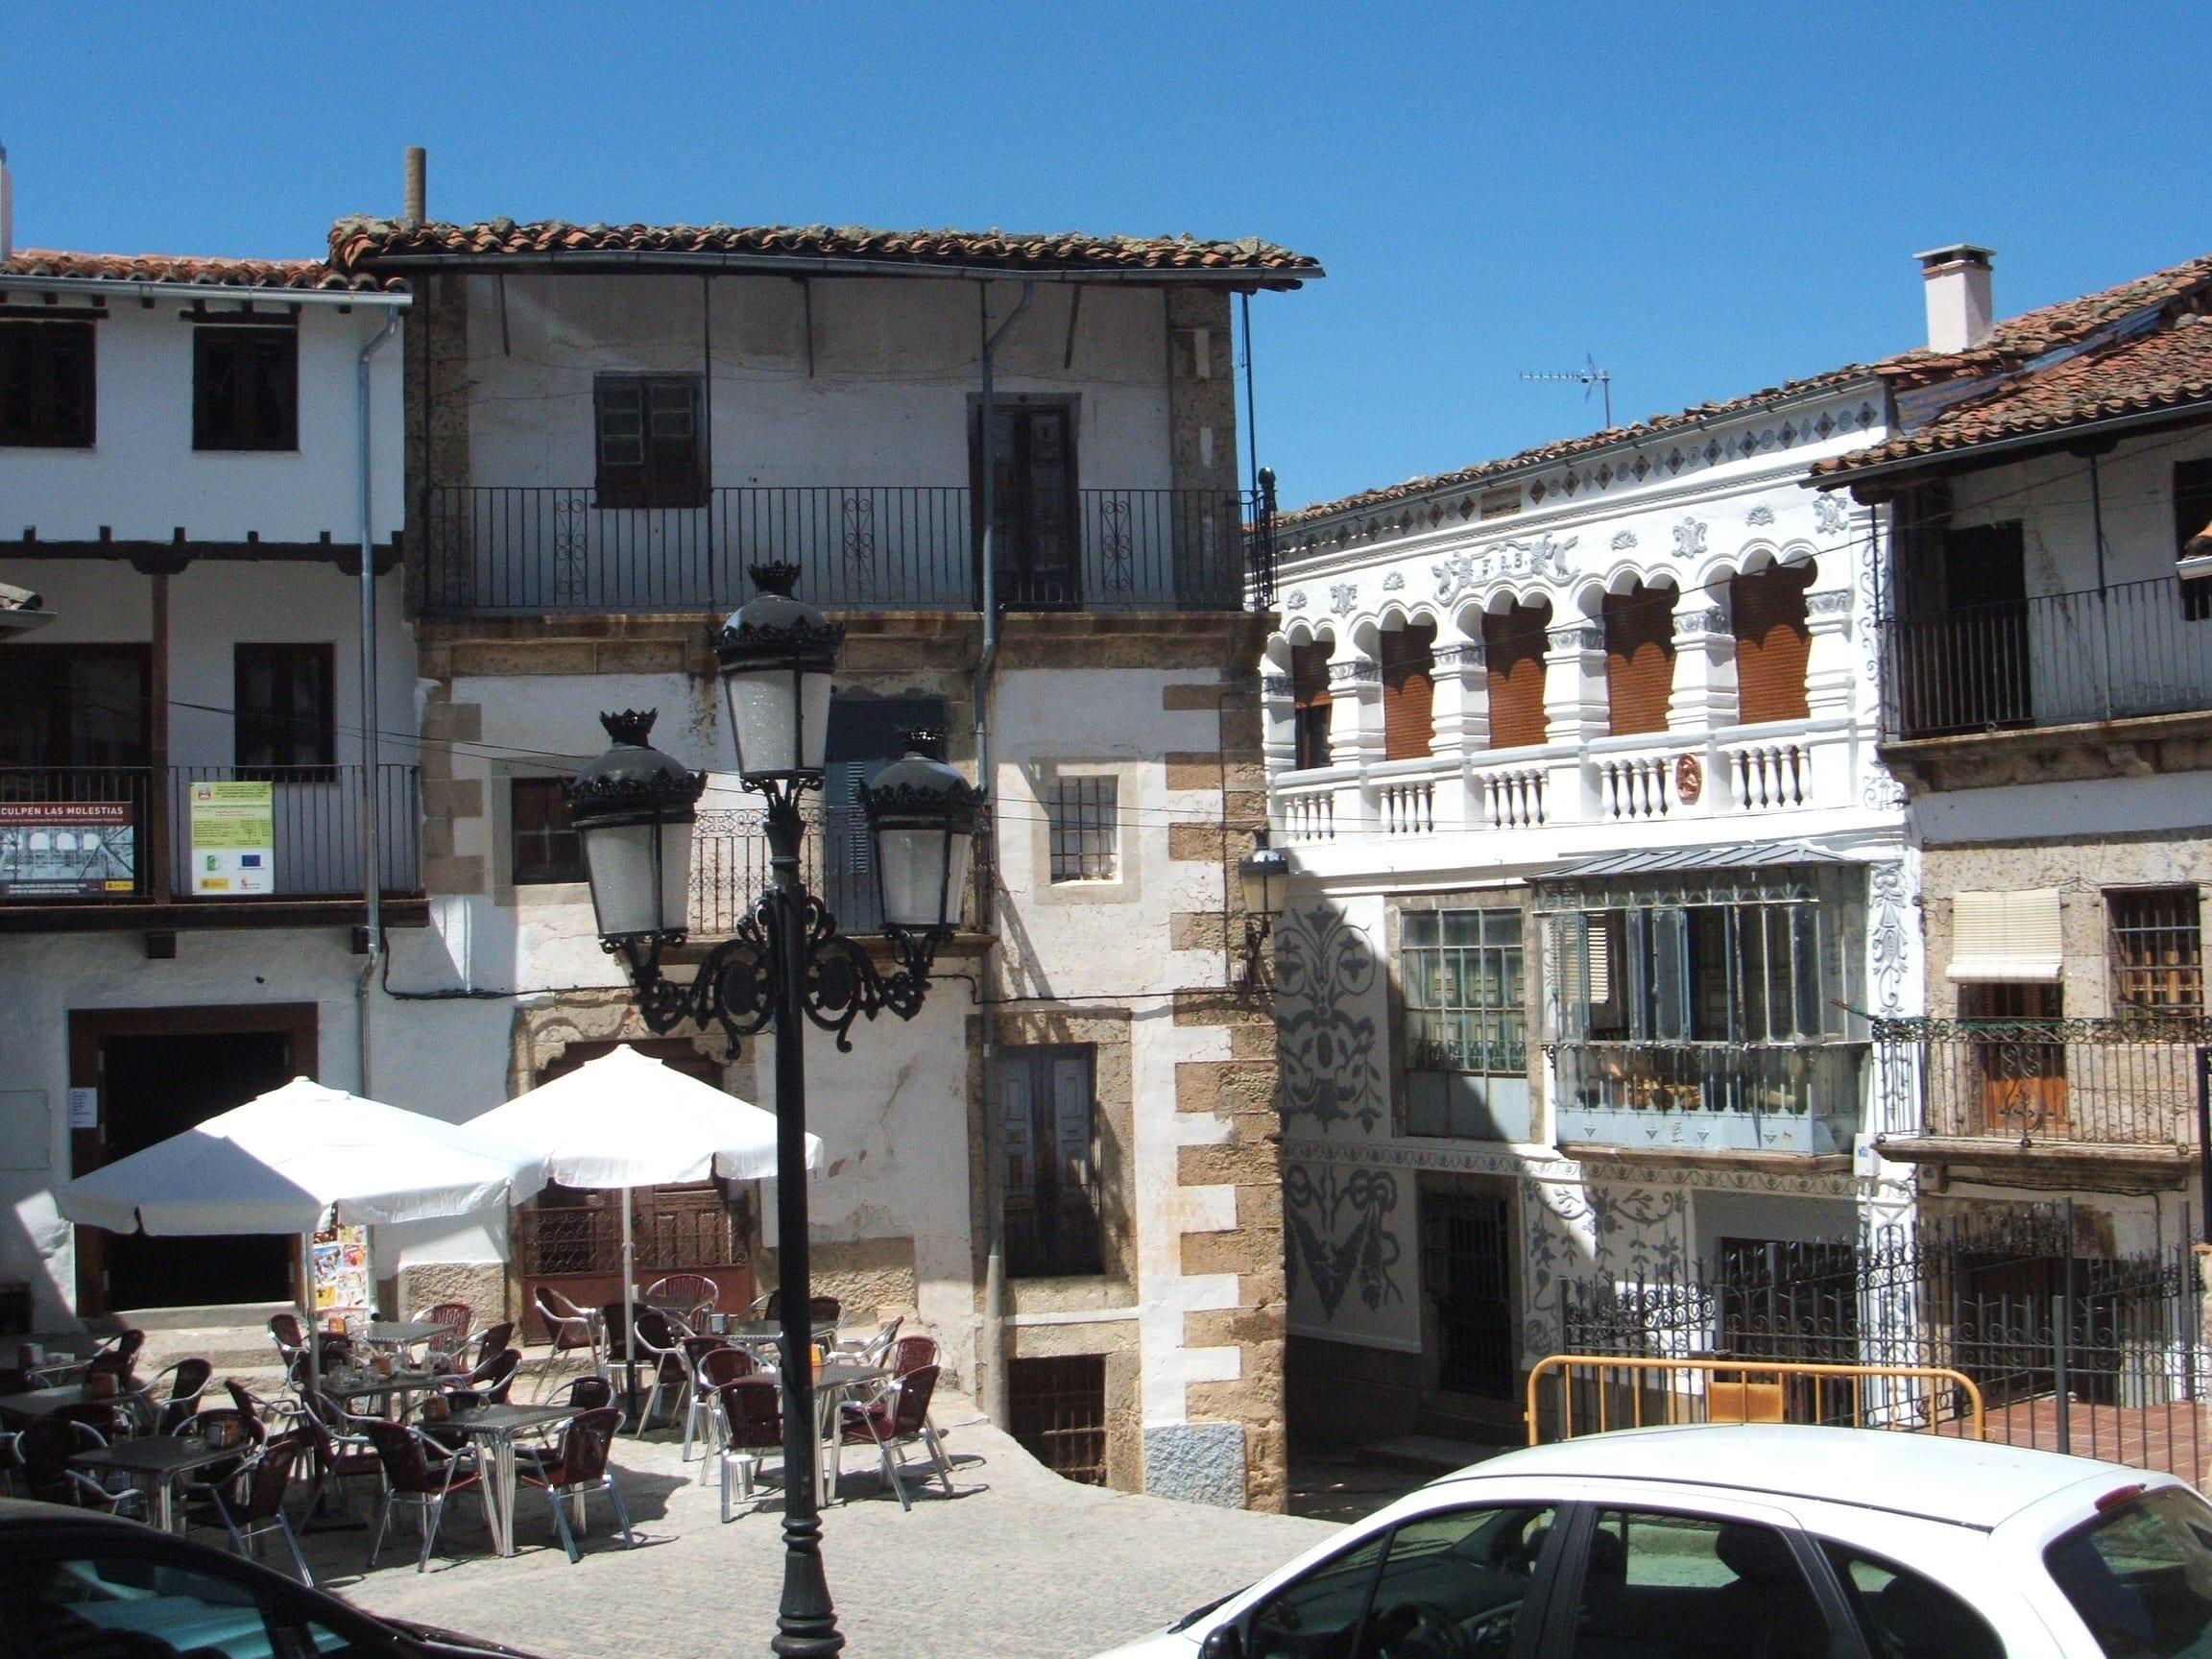 Plaza del Solano